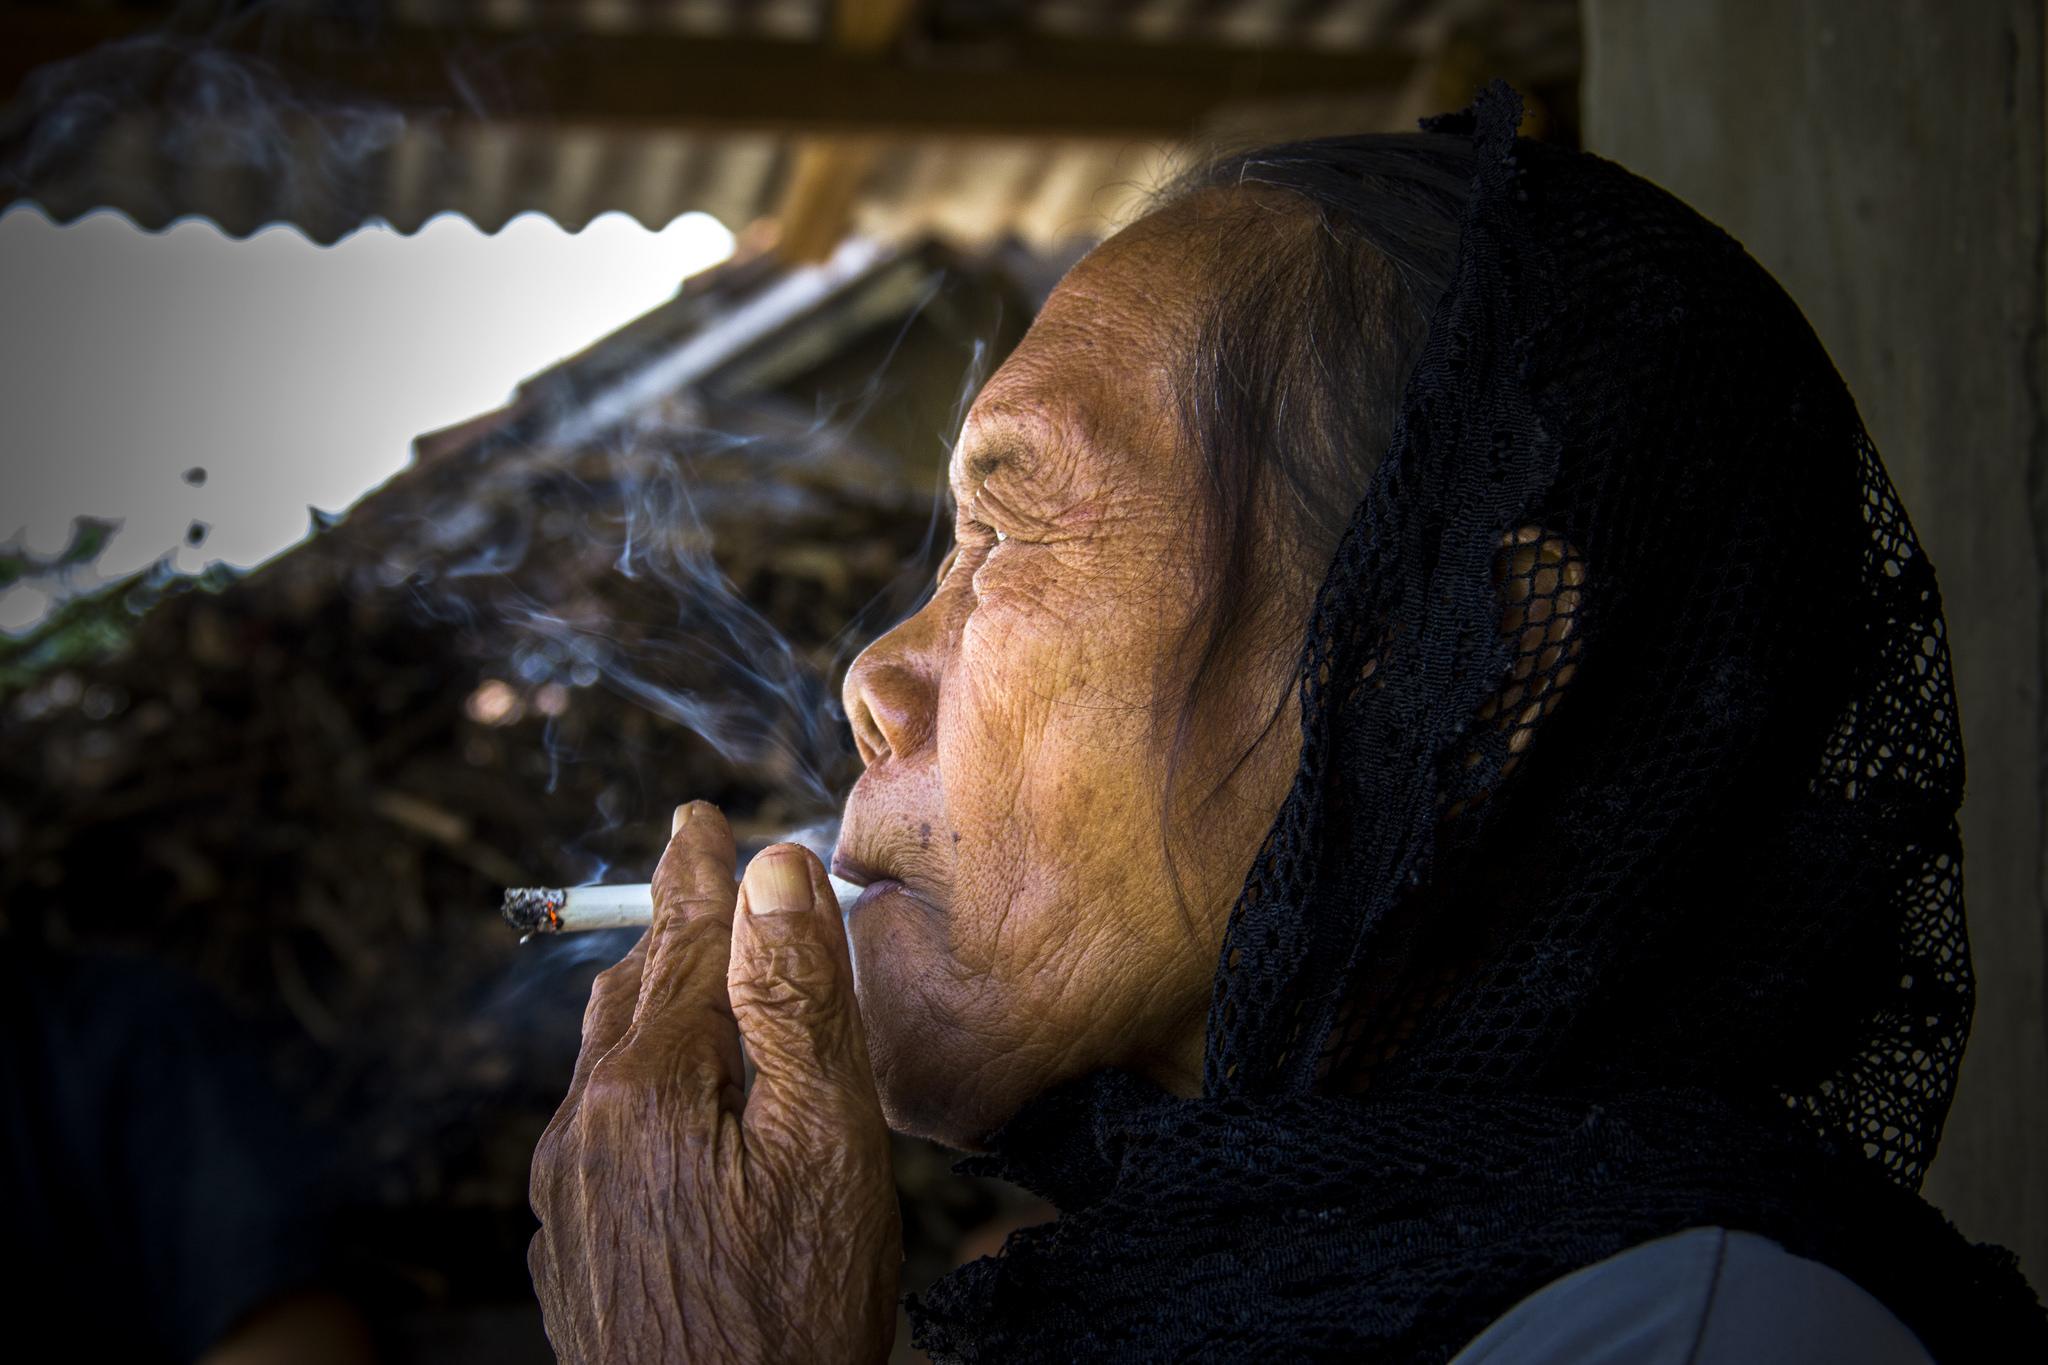 Benarkah Bila Mereka Tak Merokok, Bisa Keluar Dari Garis Kemiskinan?